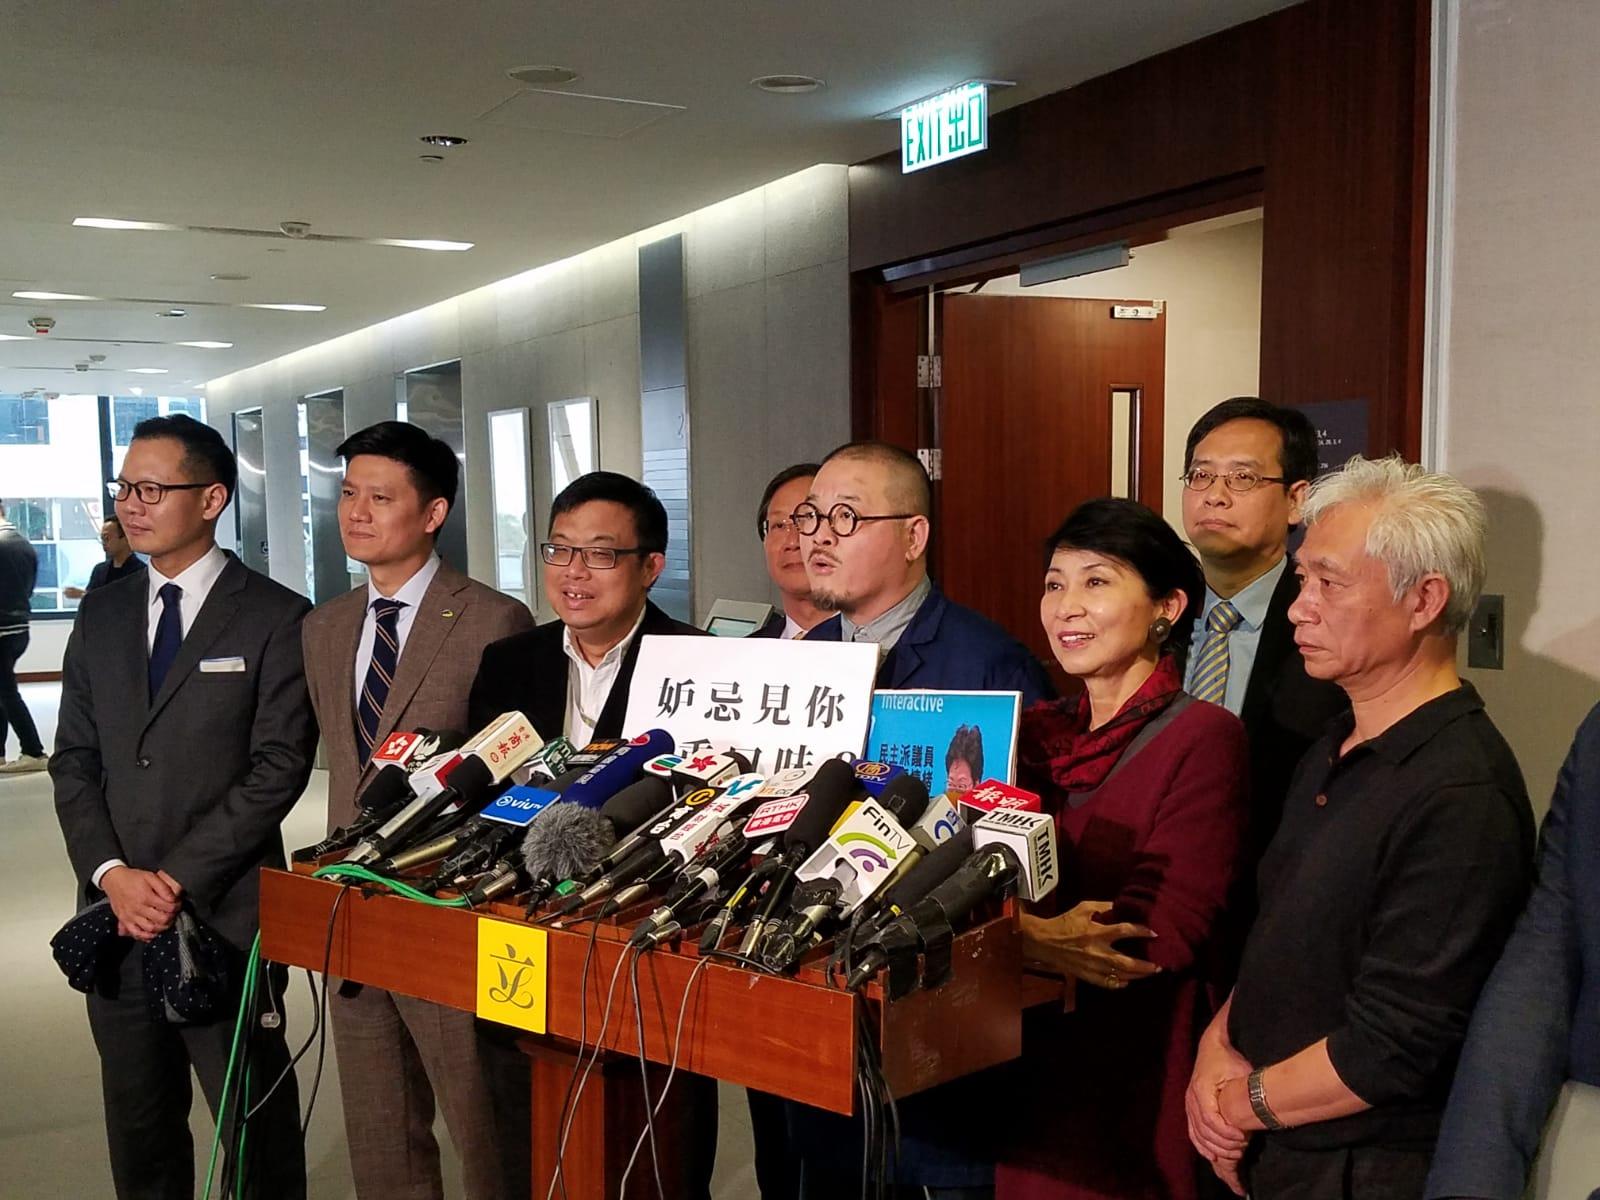 民主派議員斥林鄭月娥只約見建制派是「大細超」、「親疏有別」。